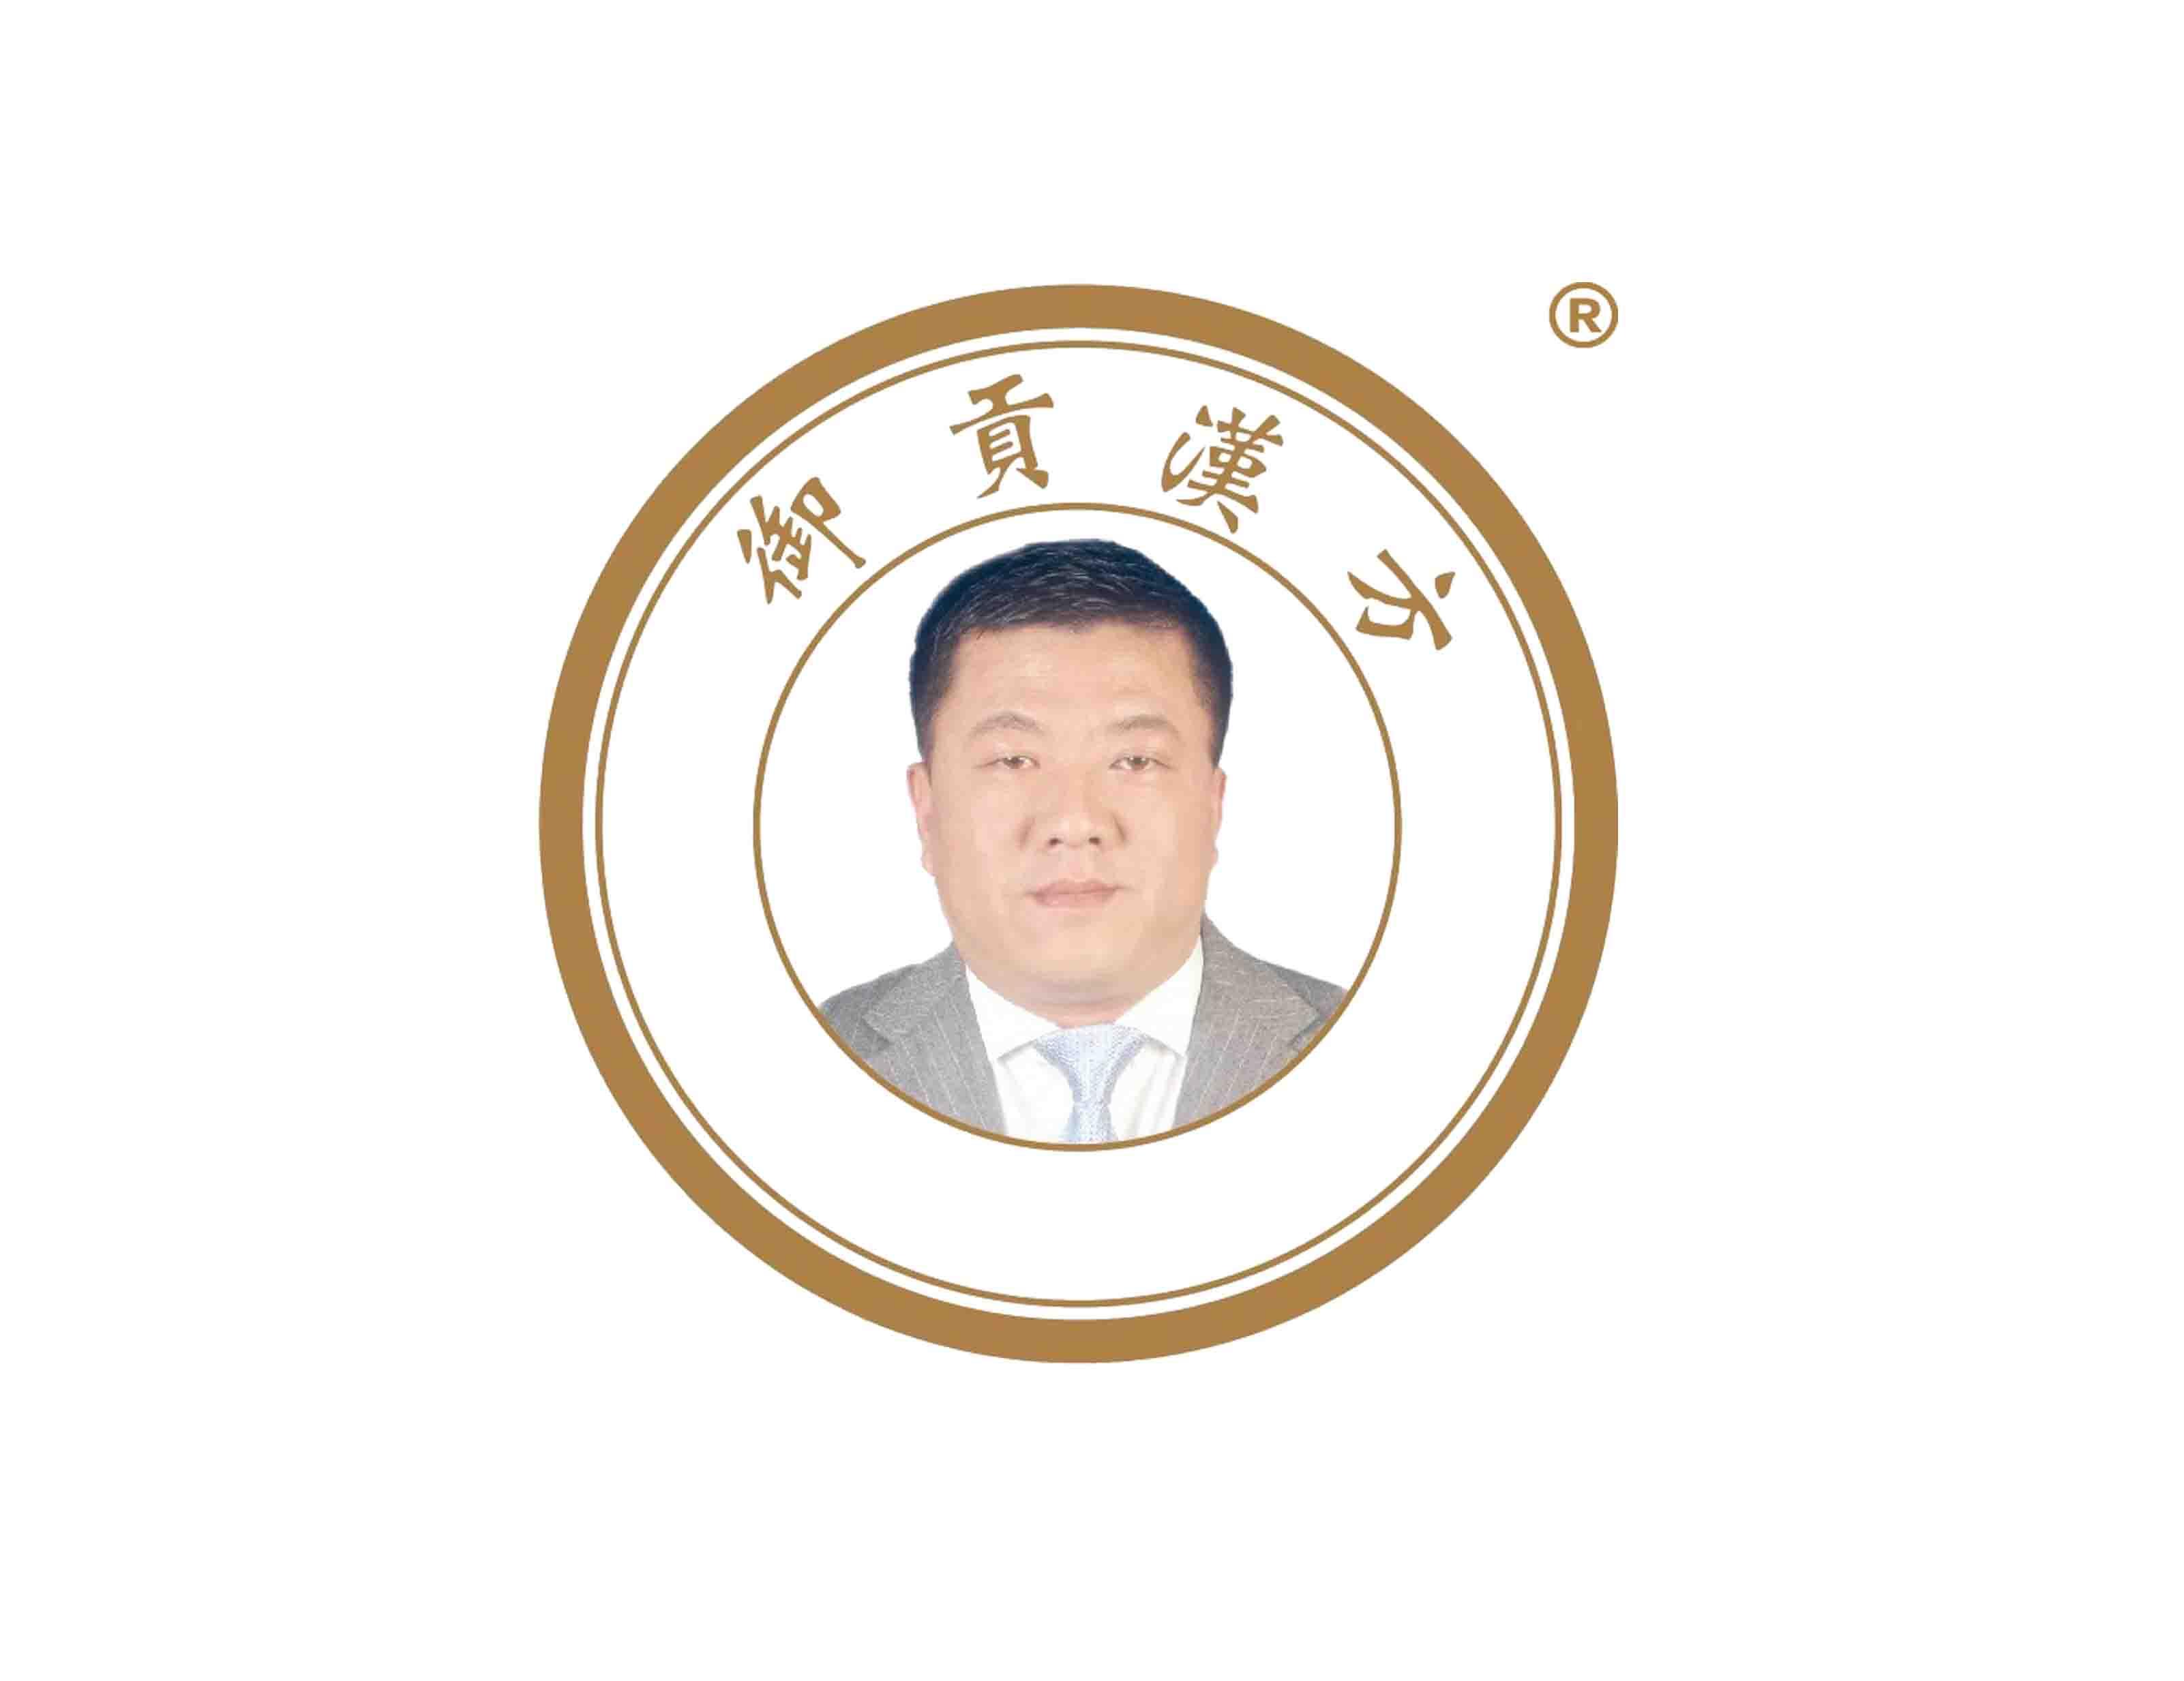 御贡汉方拼团创业招商加盟